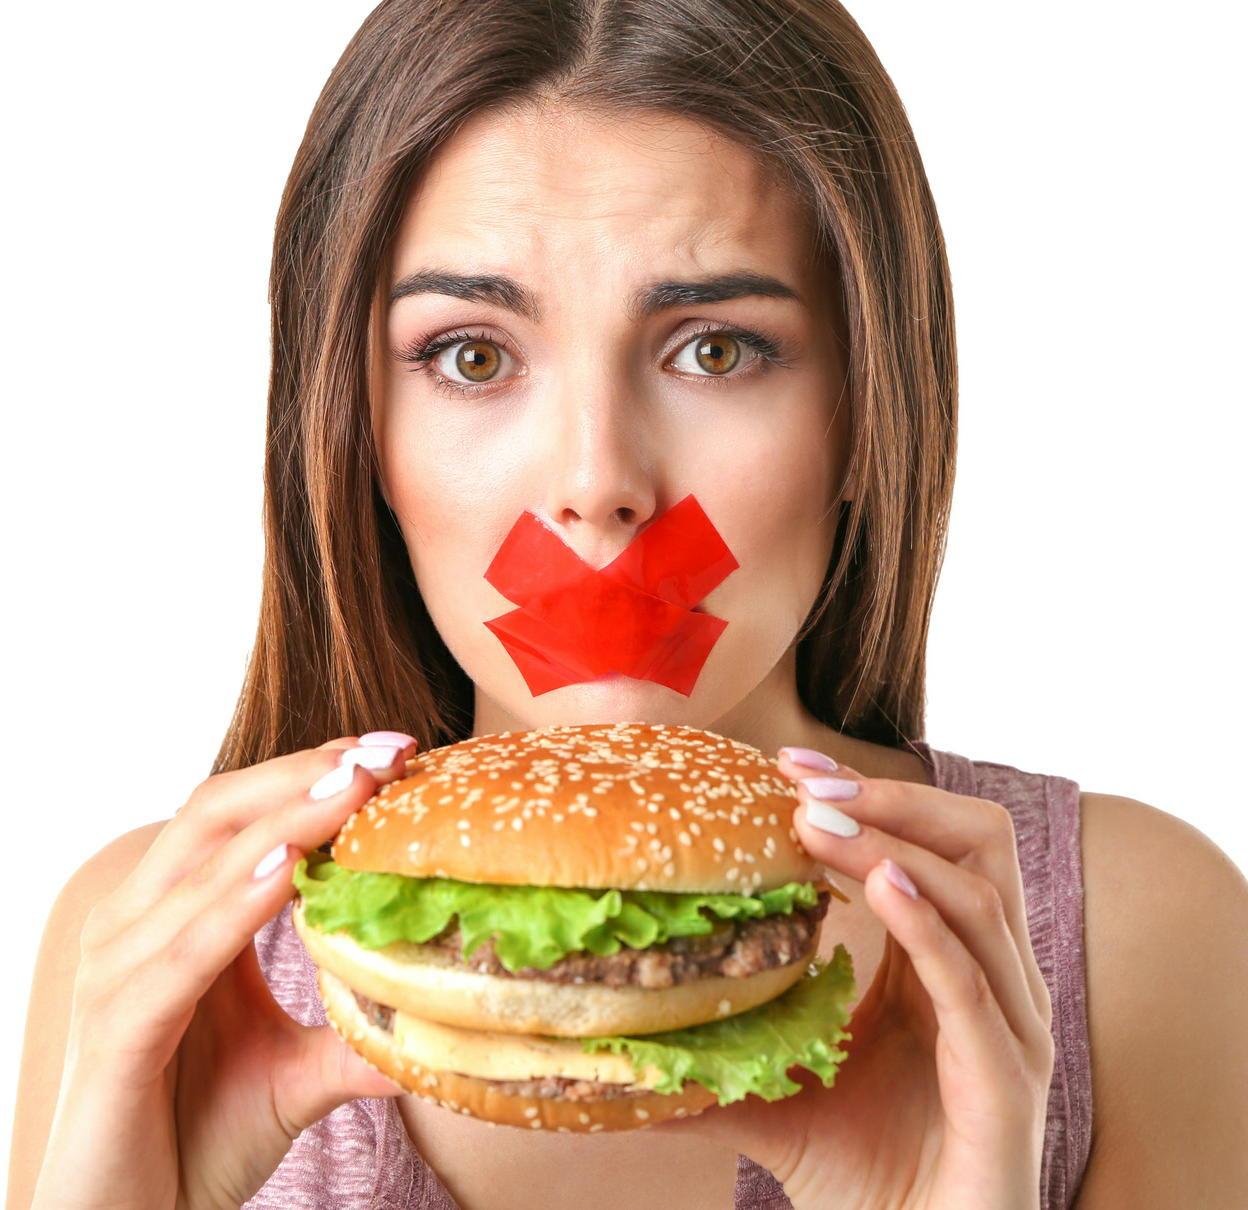 カロリー制限」は最強の食事療法 カロリー減少で寿命を延ばせる ...